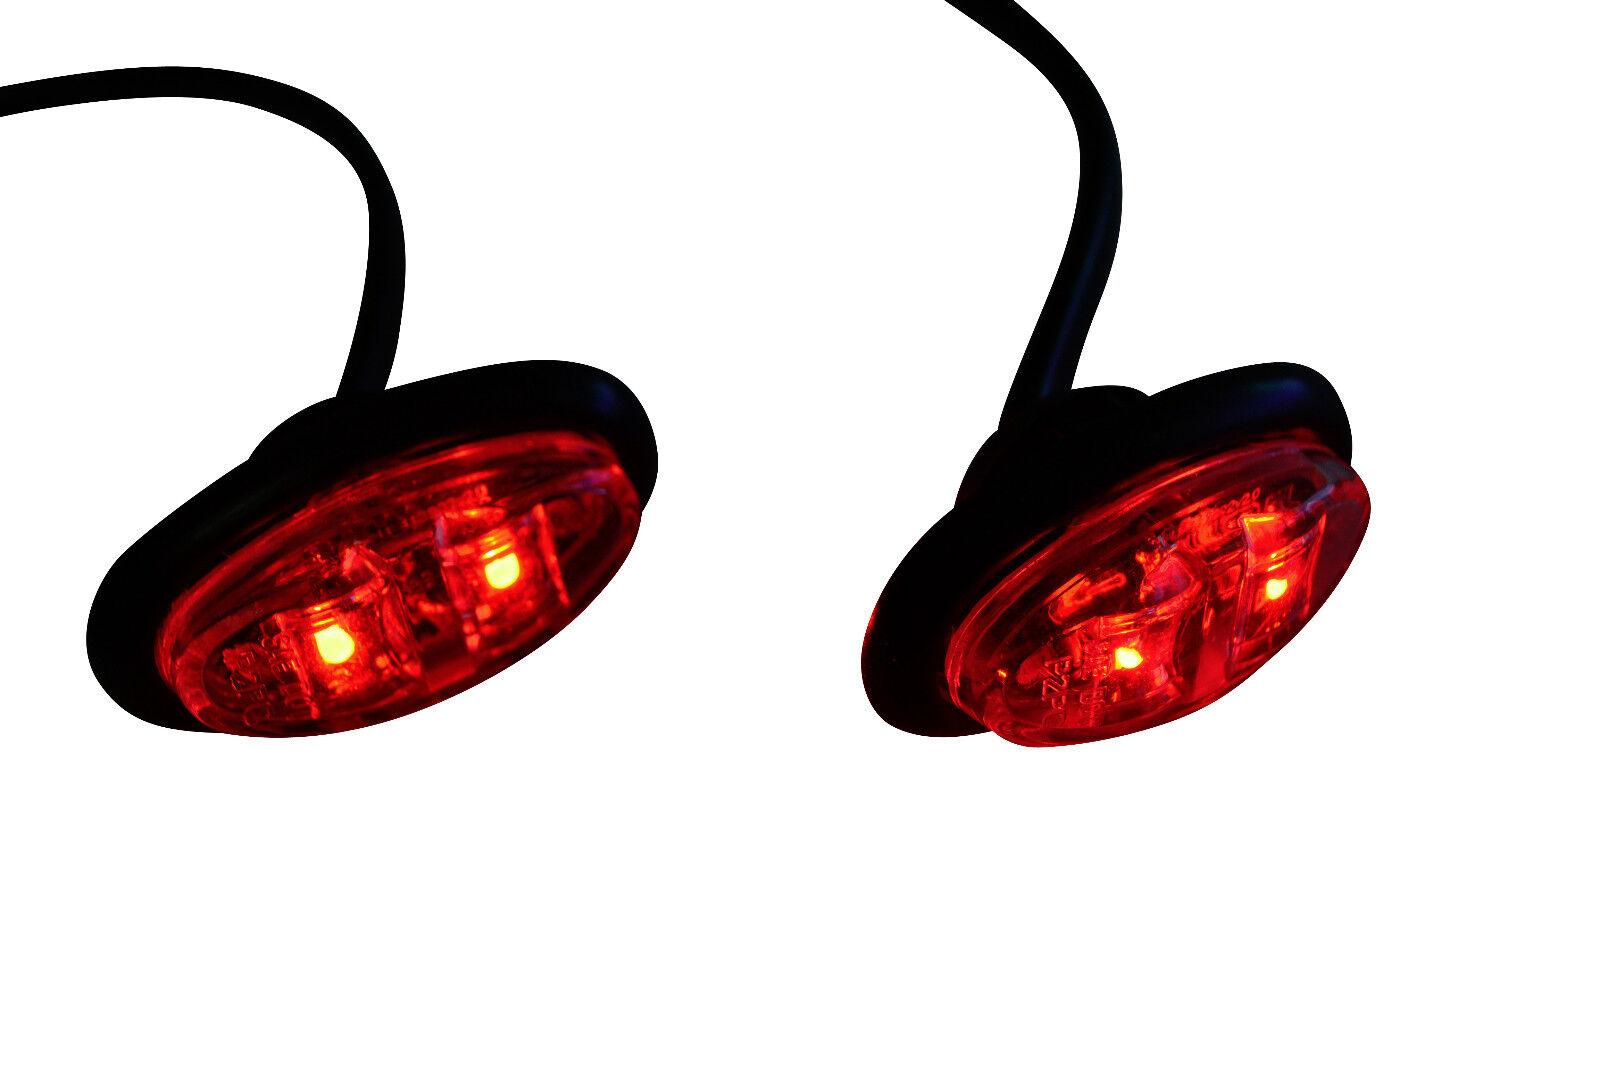 Brems Bremse Begrenzungsleuchten Für Projekt Motorrad Roller Oval Led Rot